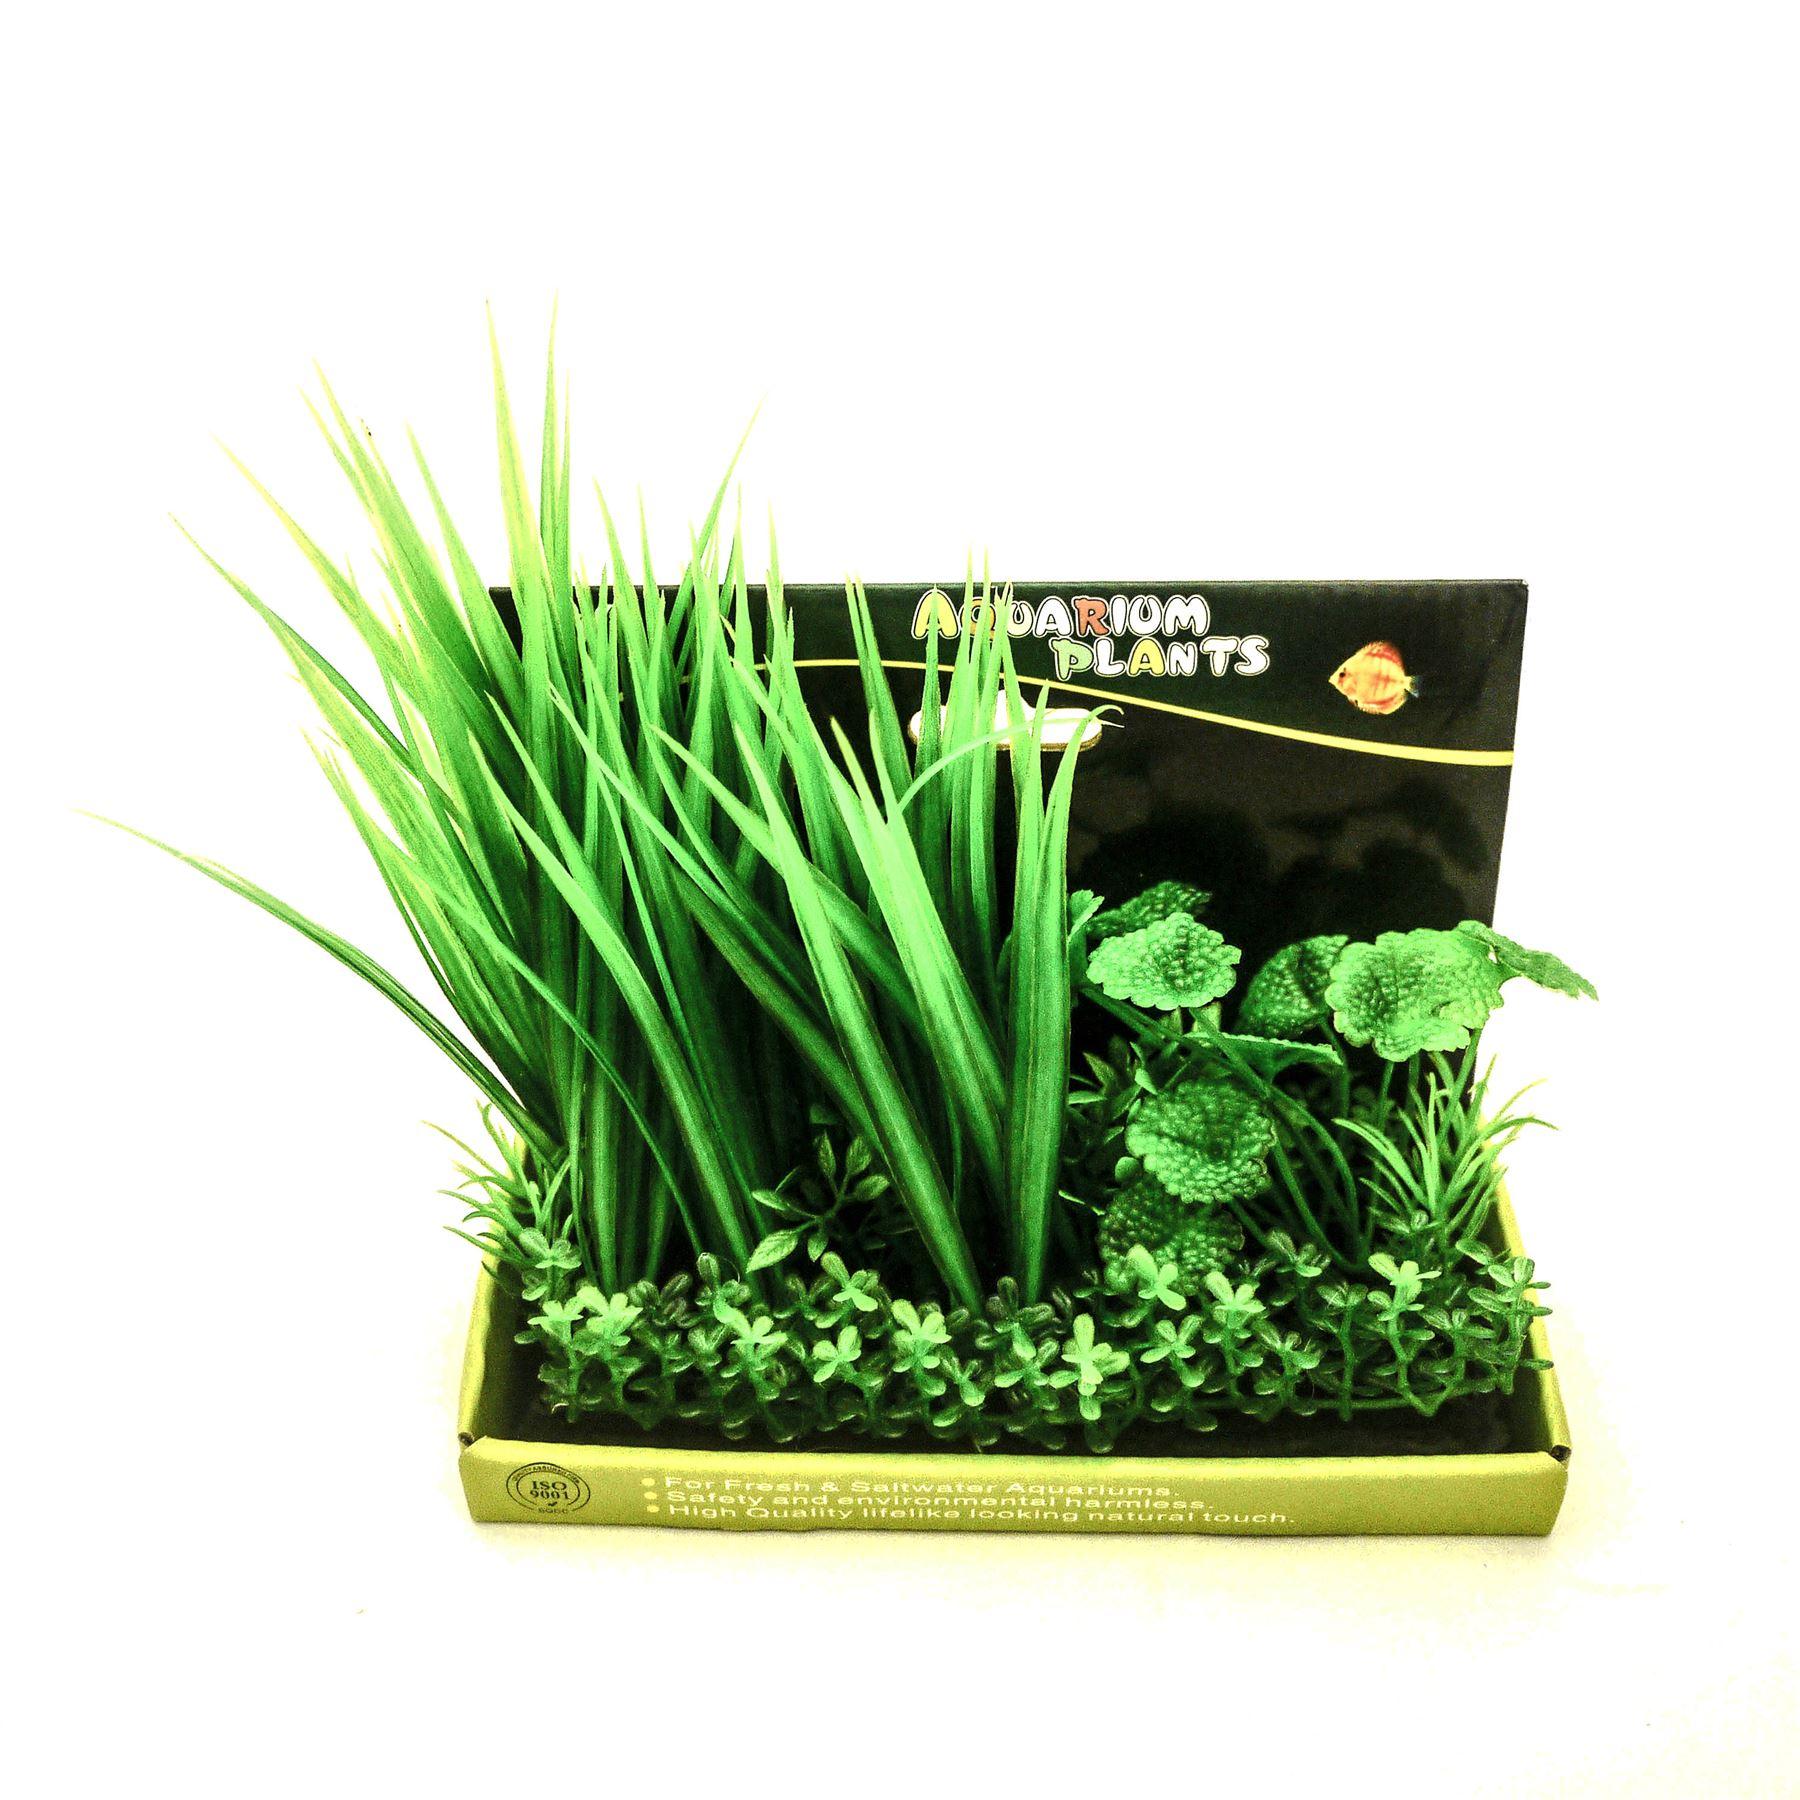 ensemble plante artificielle aquarium poisson plastique ornement d coration ebay. Black Bedroom Furniture Sets. Home Design Ideas